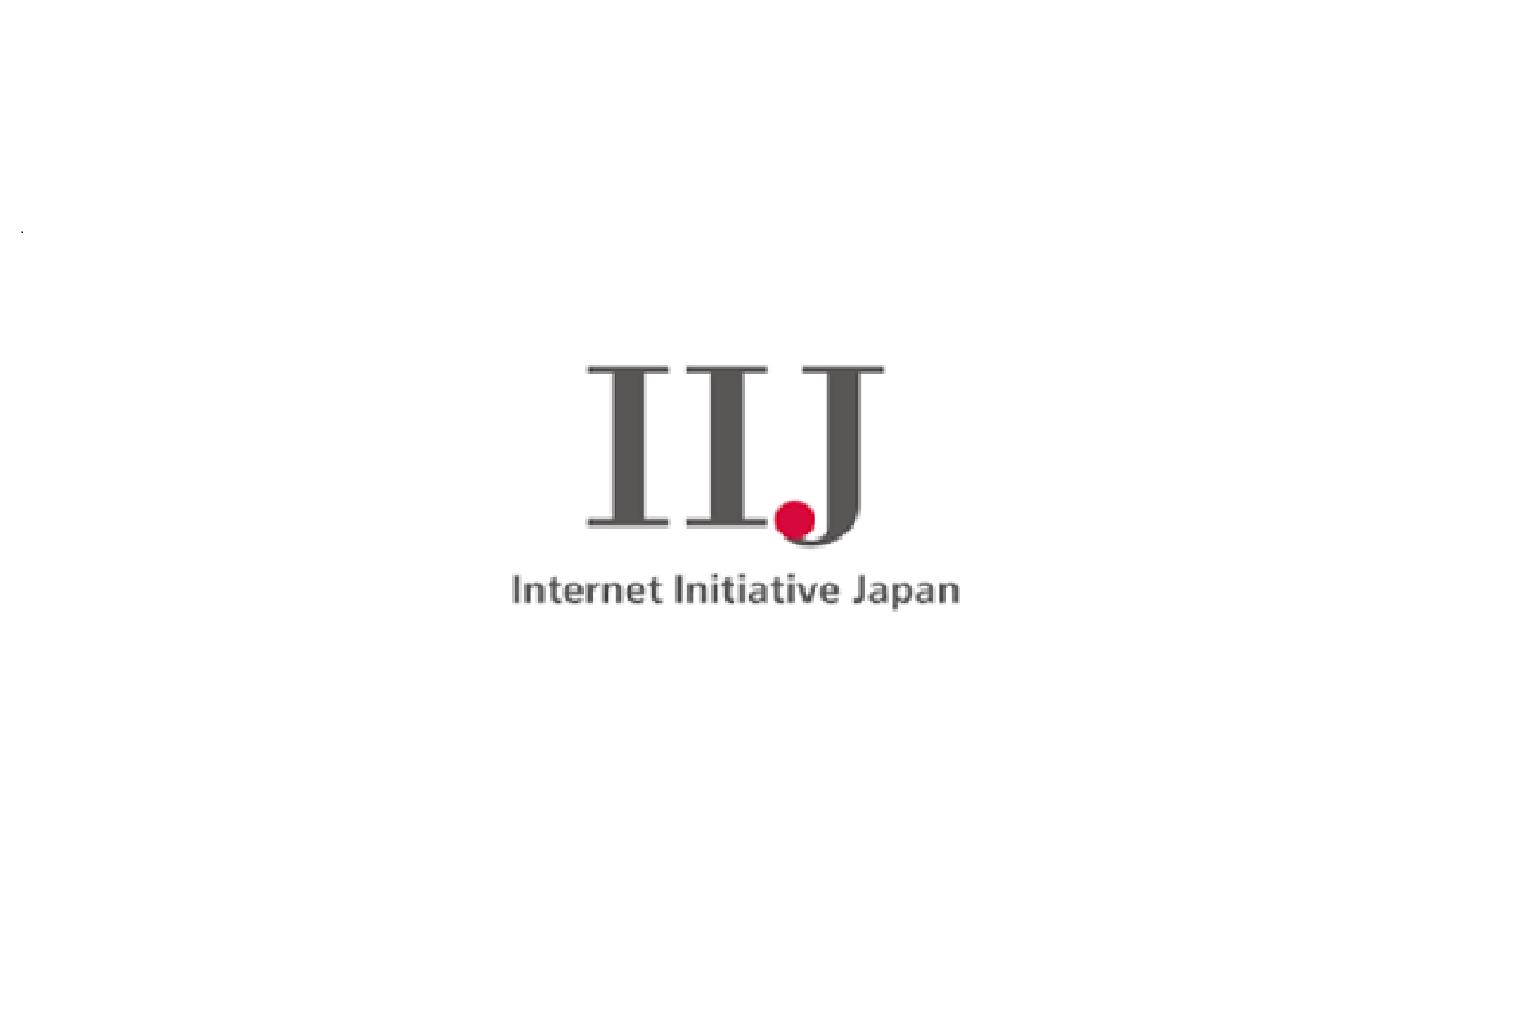 IIJ-logo